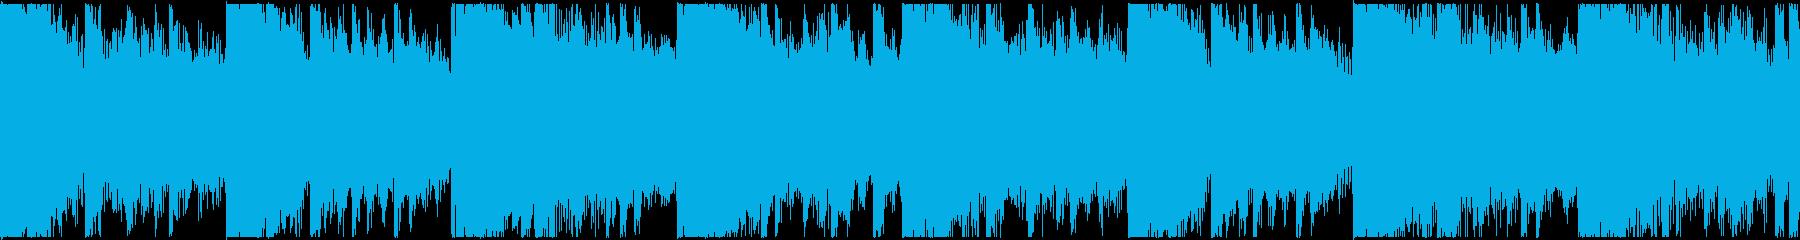 無機質なエレクトロニカBGM(ループ)の再生済みの波形